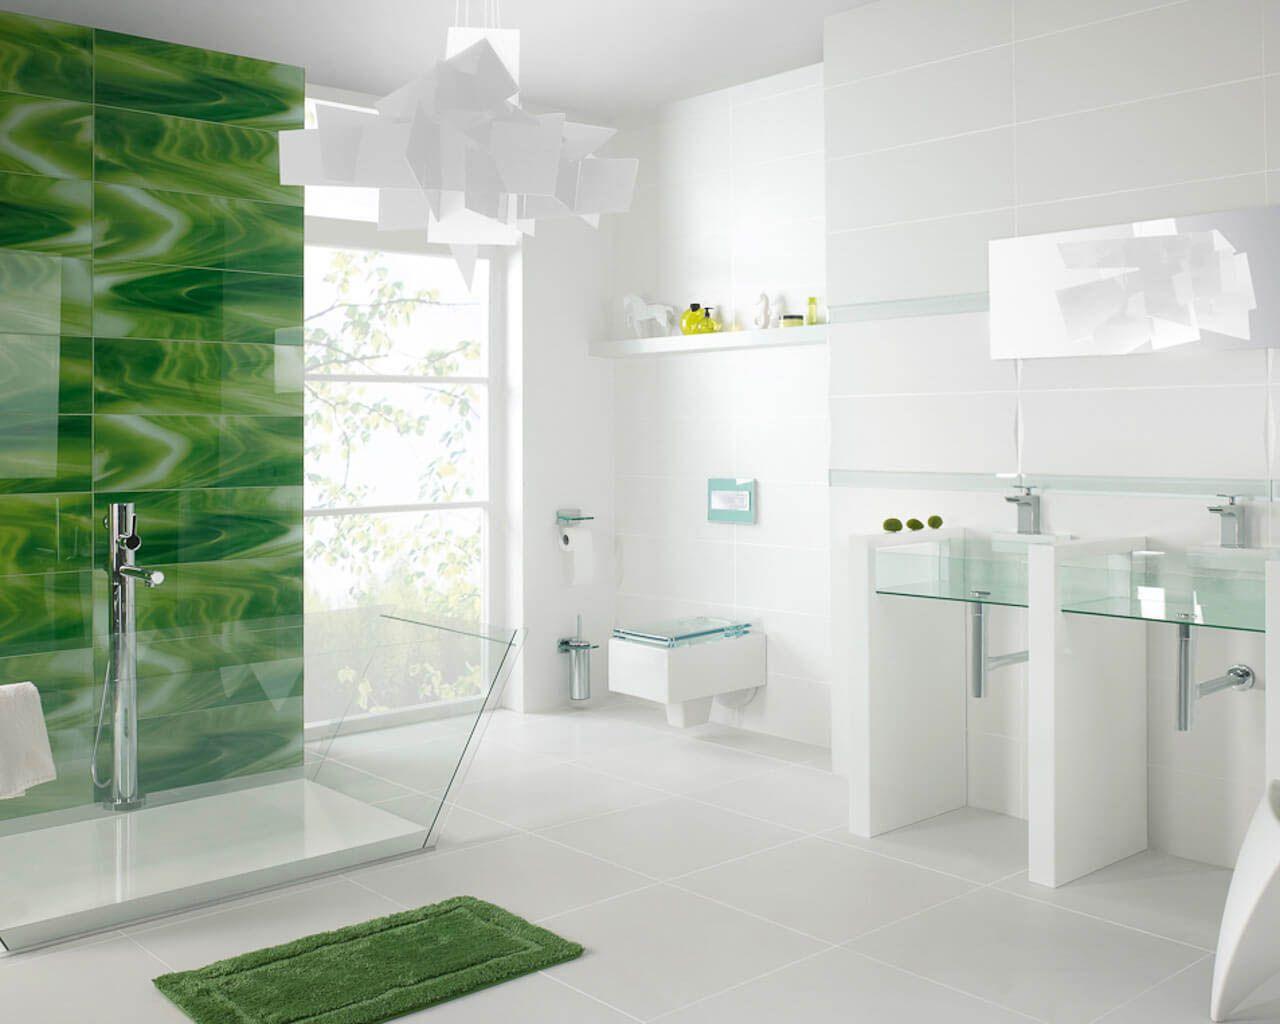 Weiß-grünes, leuchtendes Bad mit Glas in der Hauptrolle | Ceramika ...